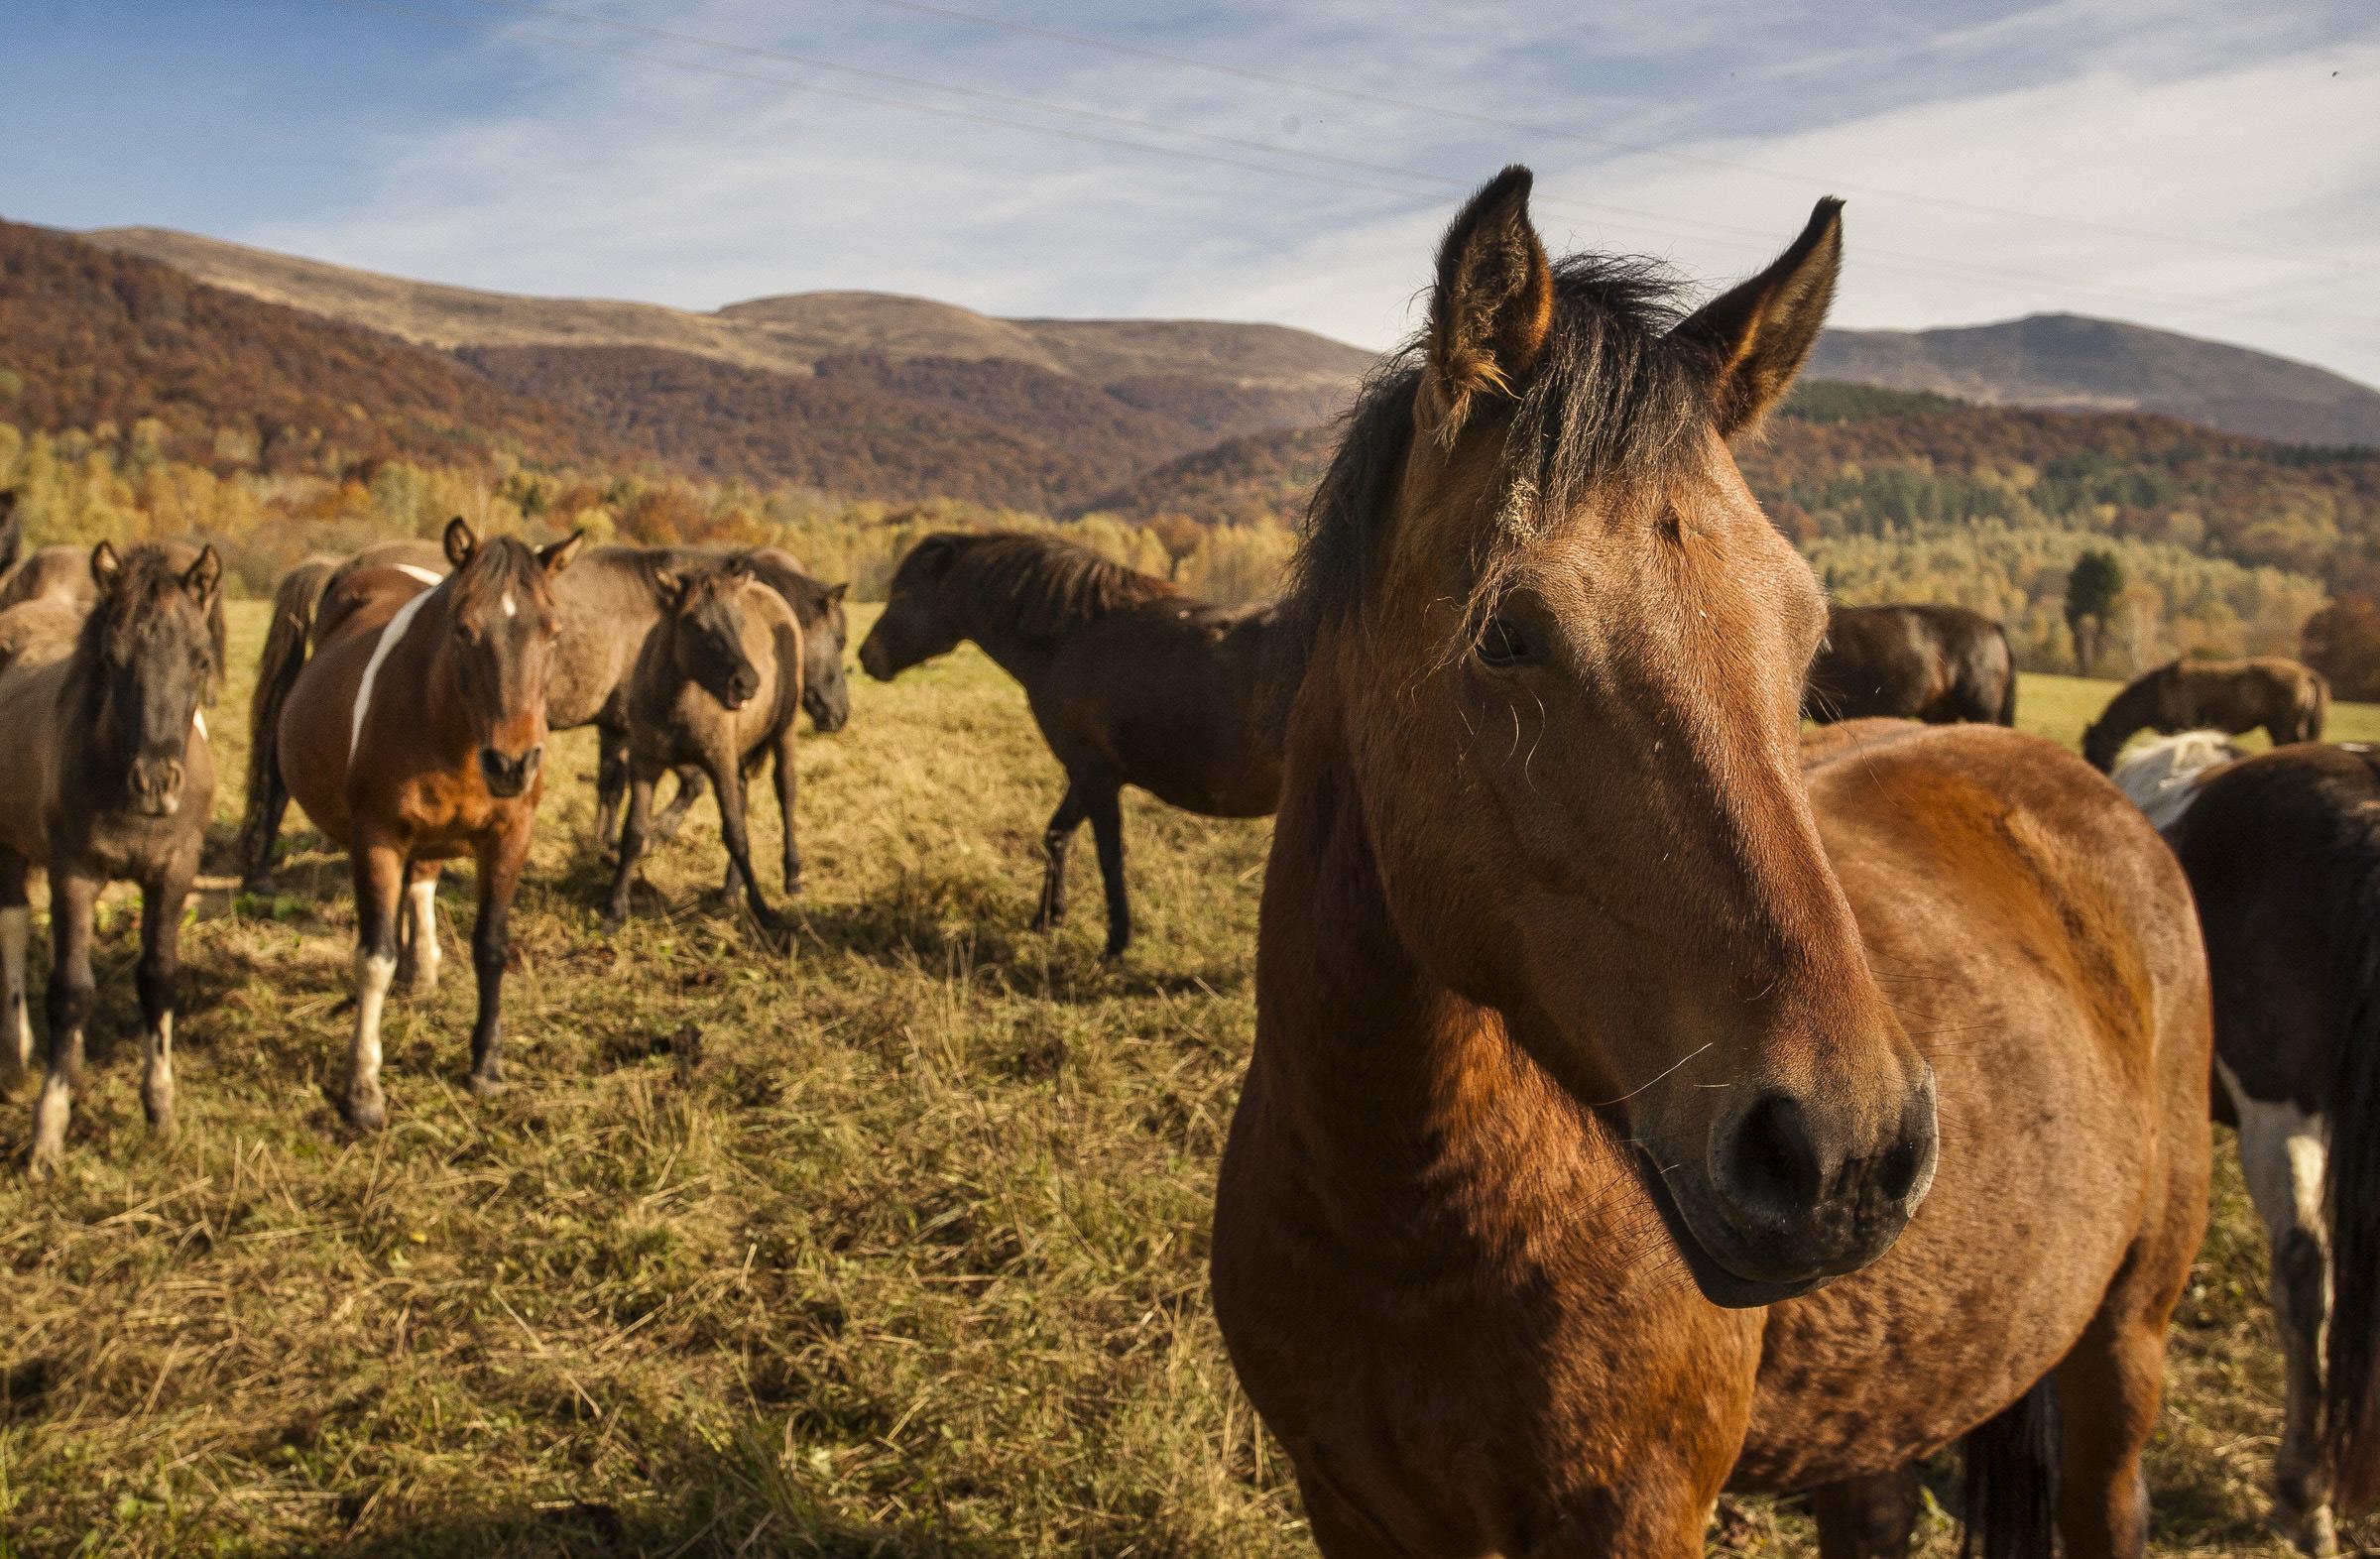 Konie huculskie w Bieszczadzkim Parku Narodowym. fot. Waldek Sosnowski